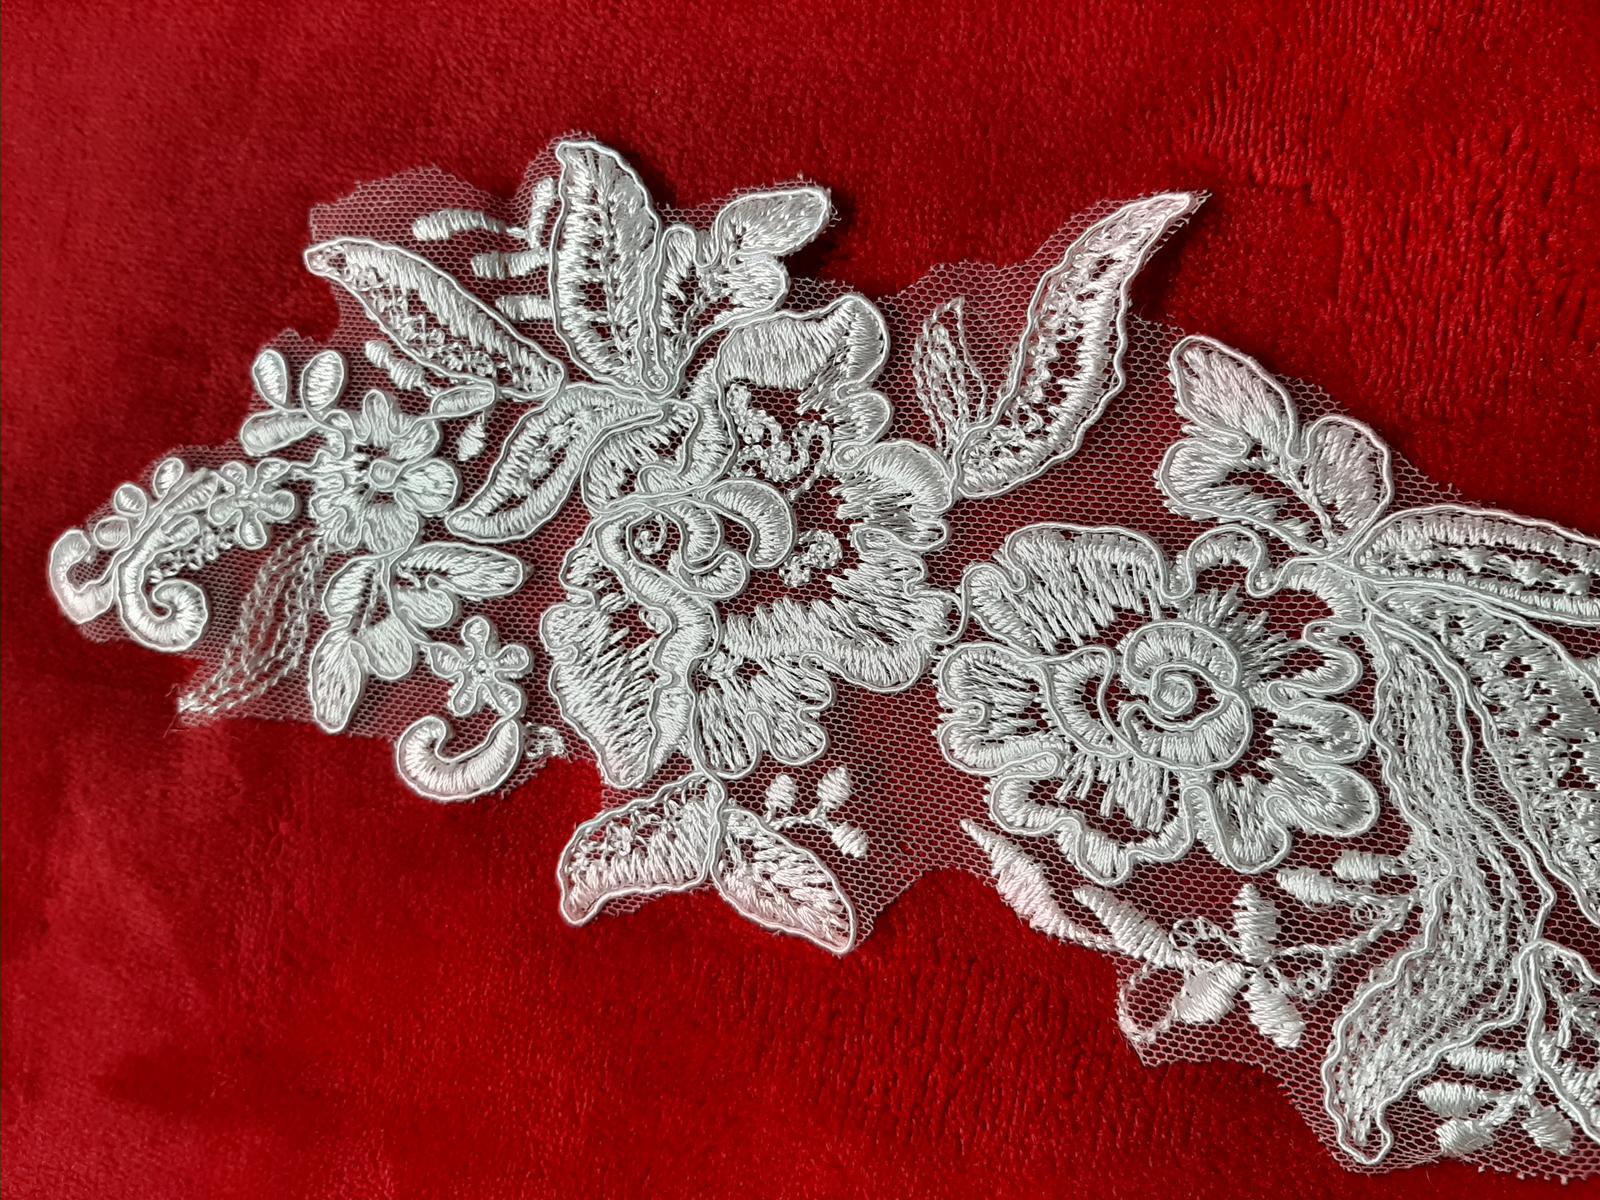 Čipka-krásny dekor na šaty, závoj - Obrázok č. 2